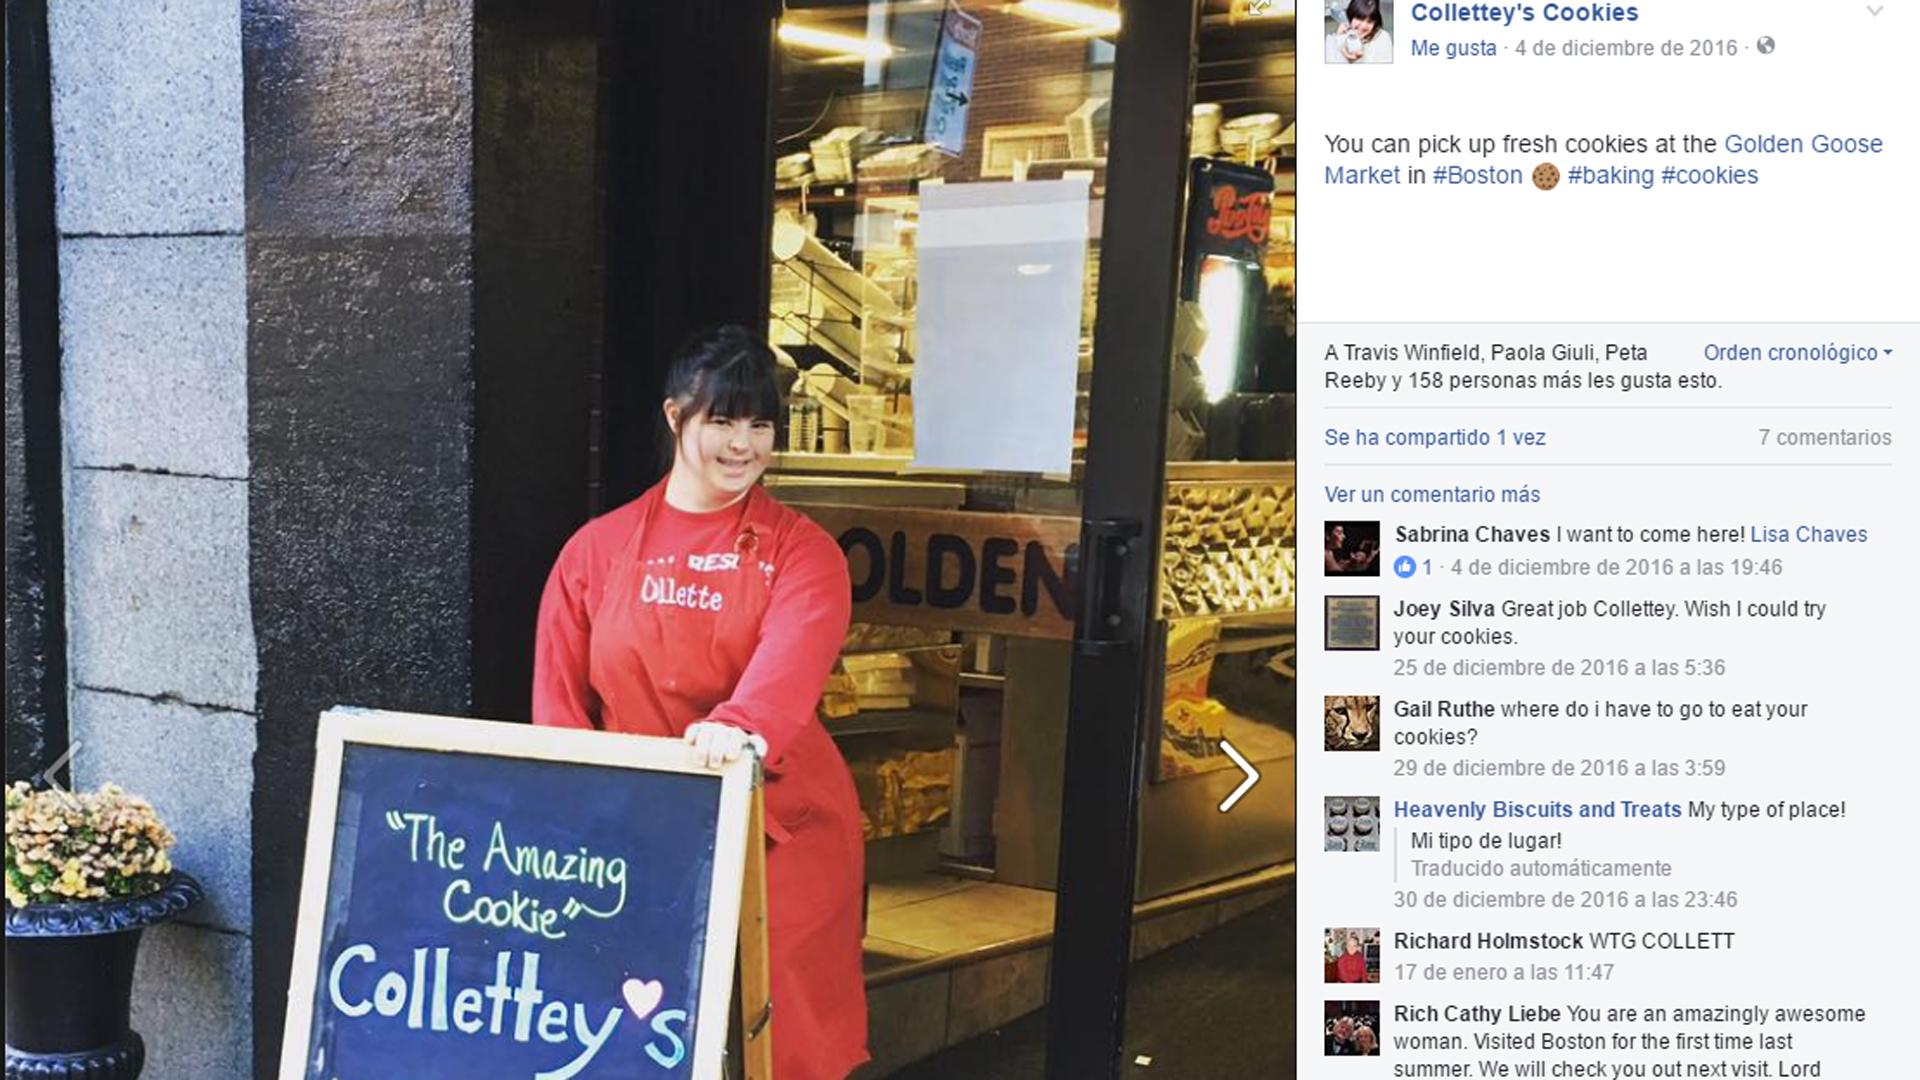 Su panadería se encuentra en Boston (Facebook Colette)